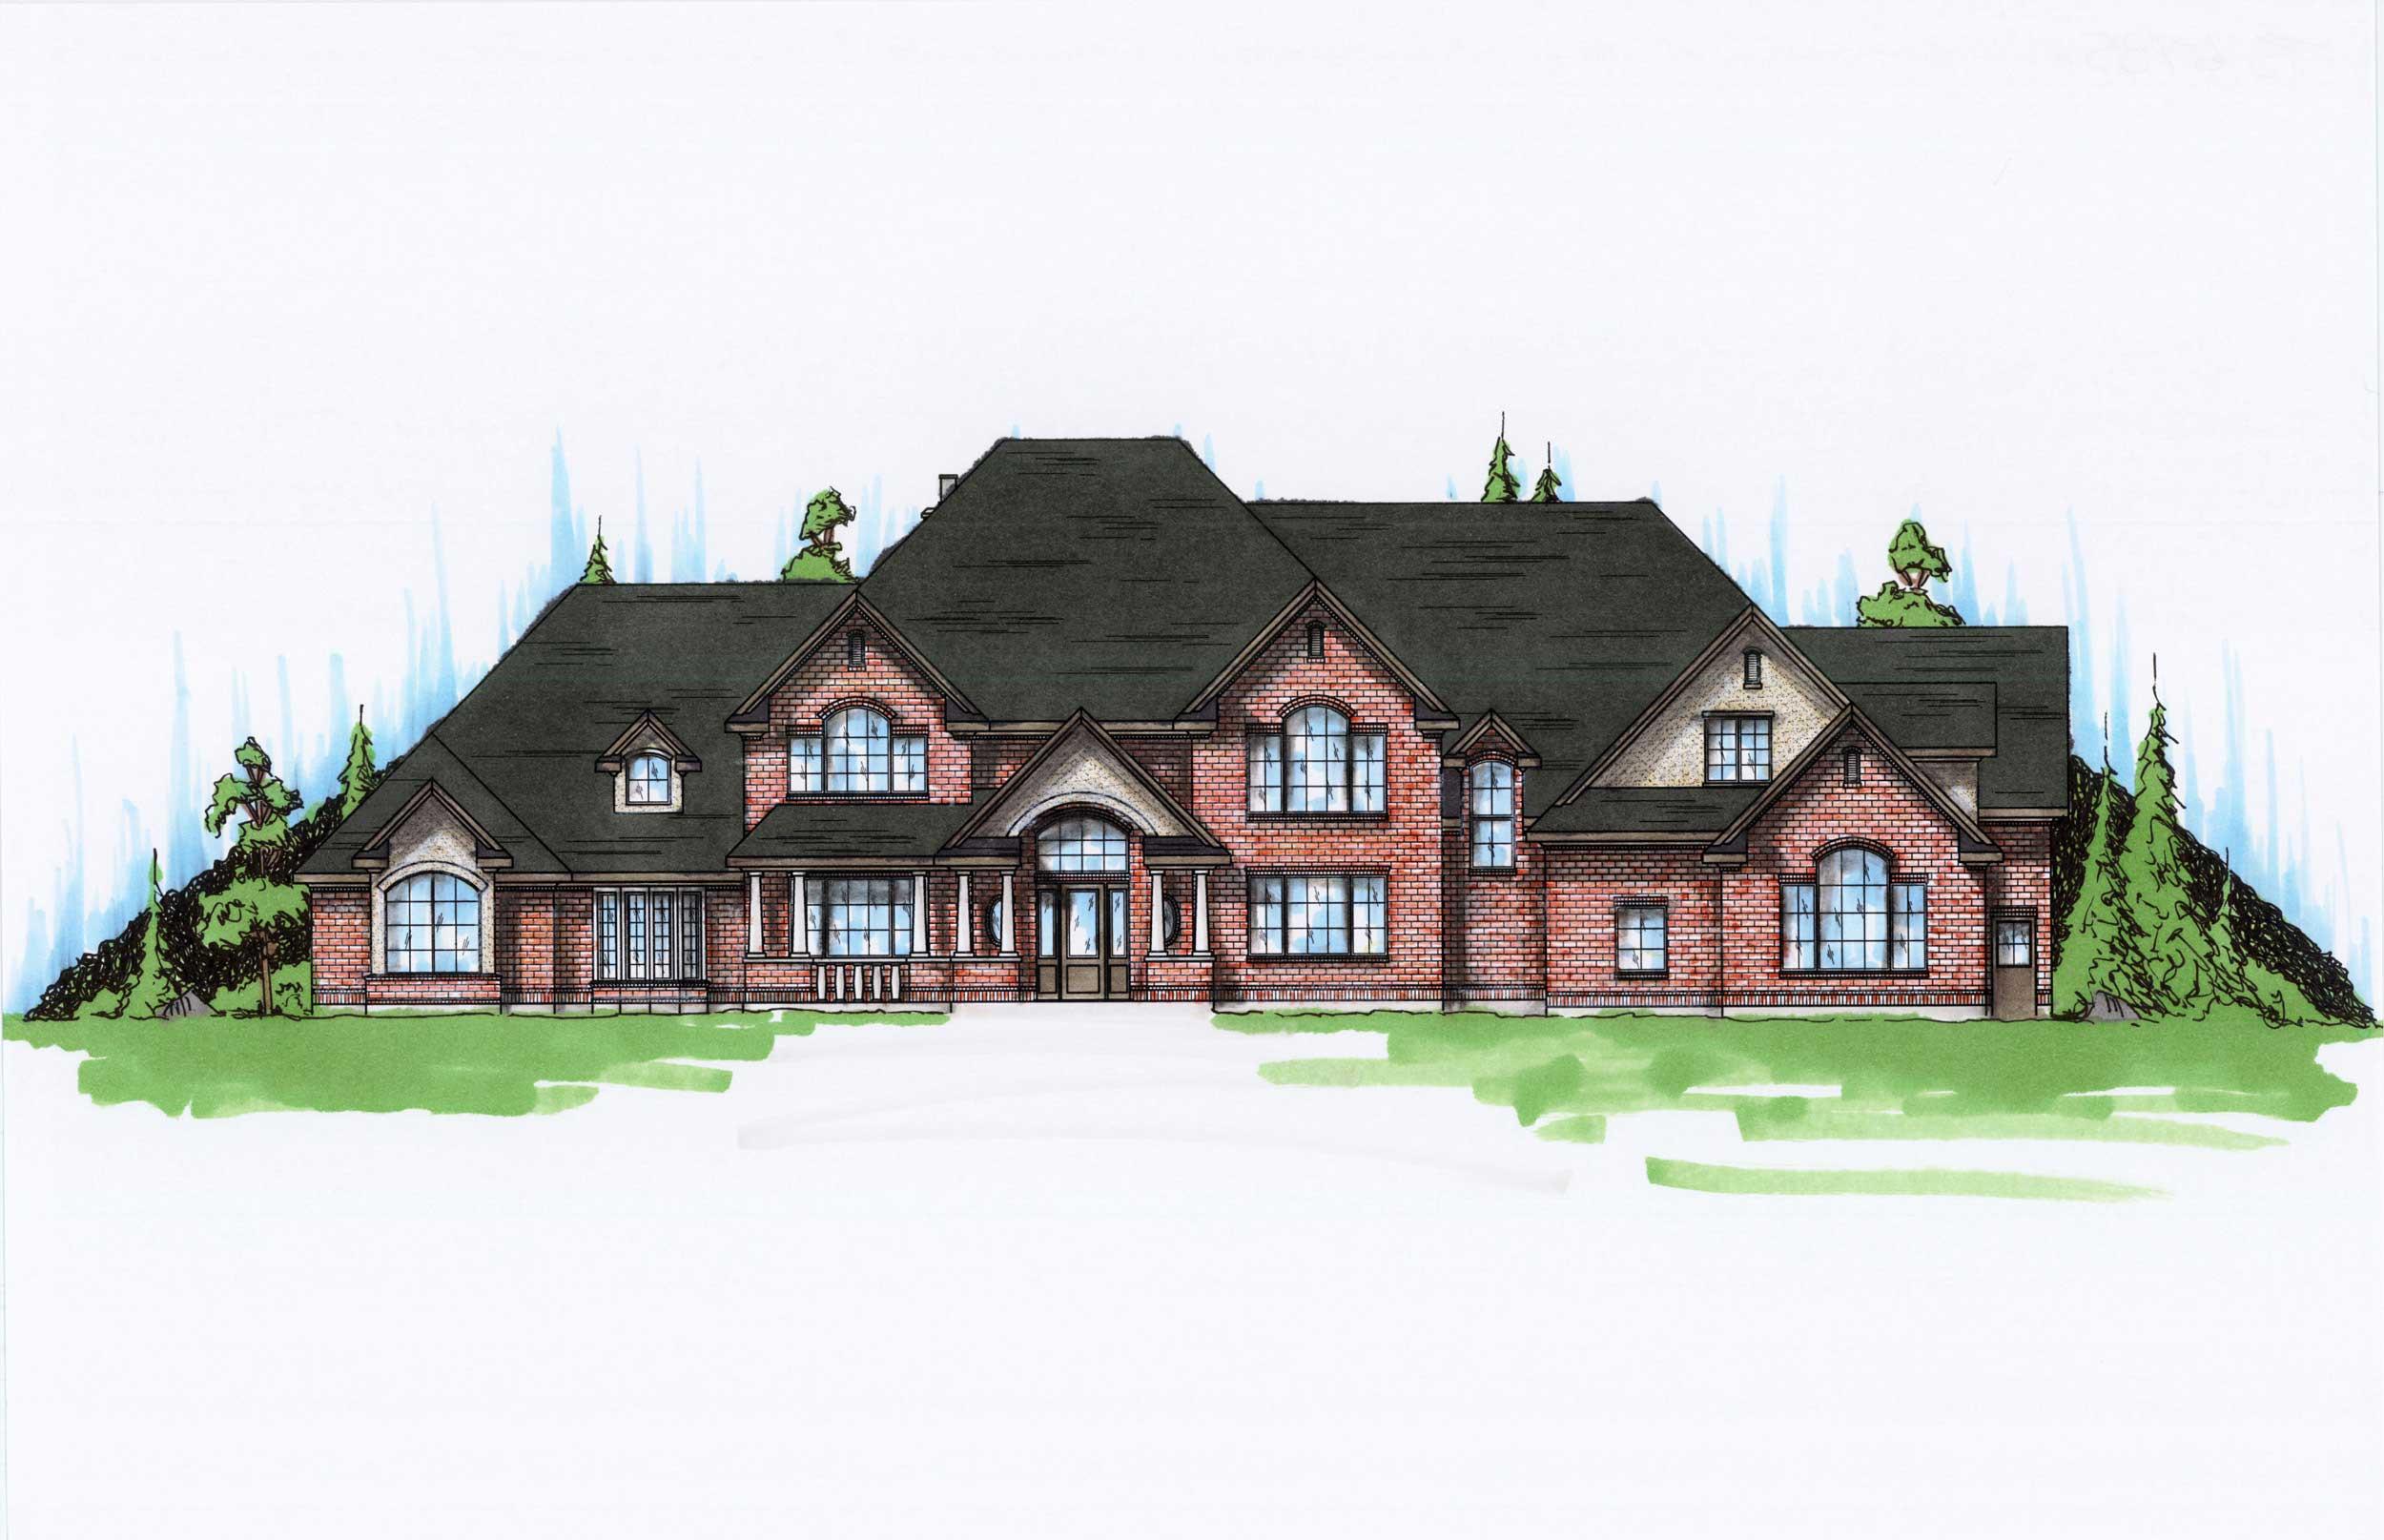 Farmhouse Home Plan 7 Bedrms 4 5 Baths 6785 Sq Ft 135 1028